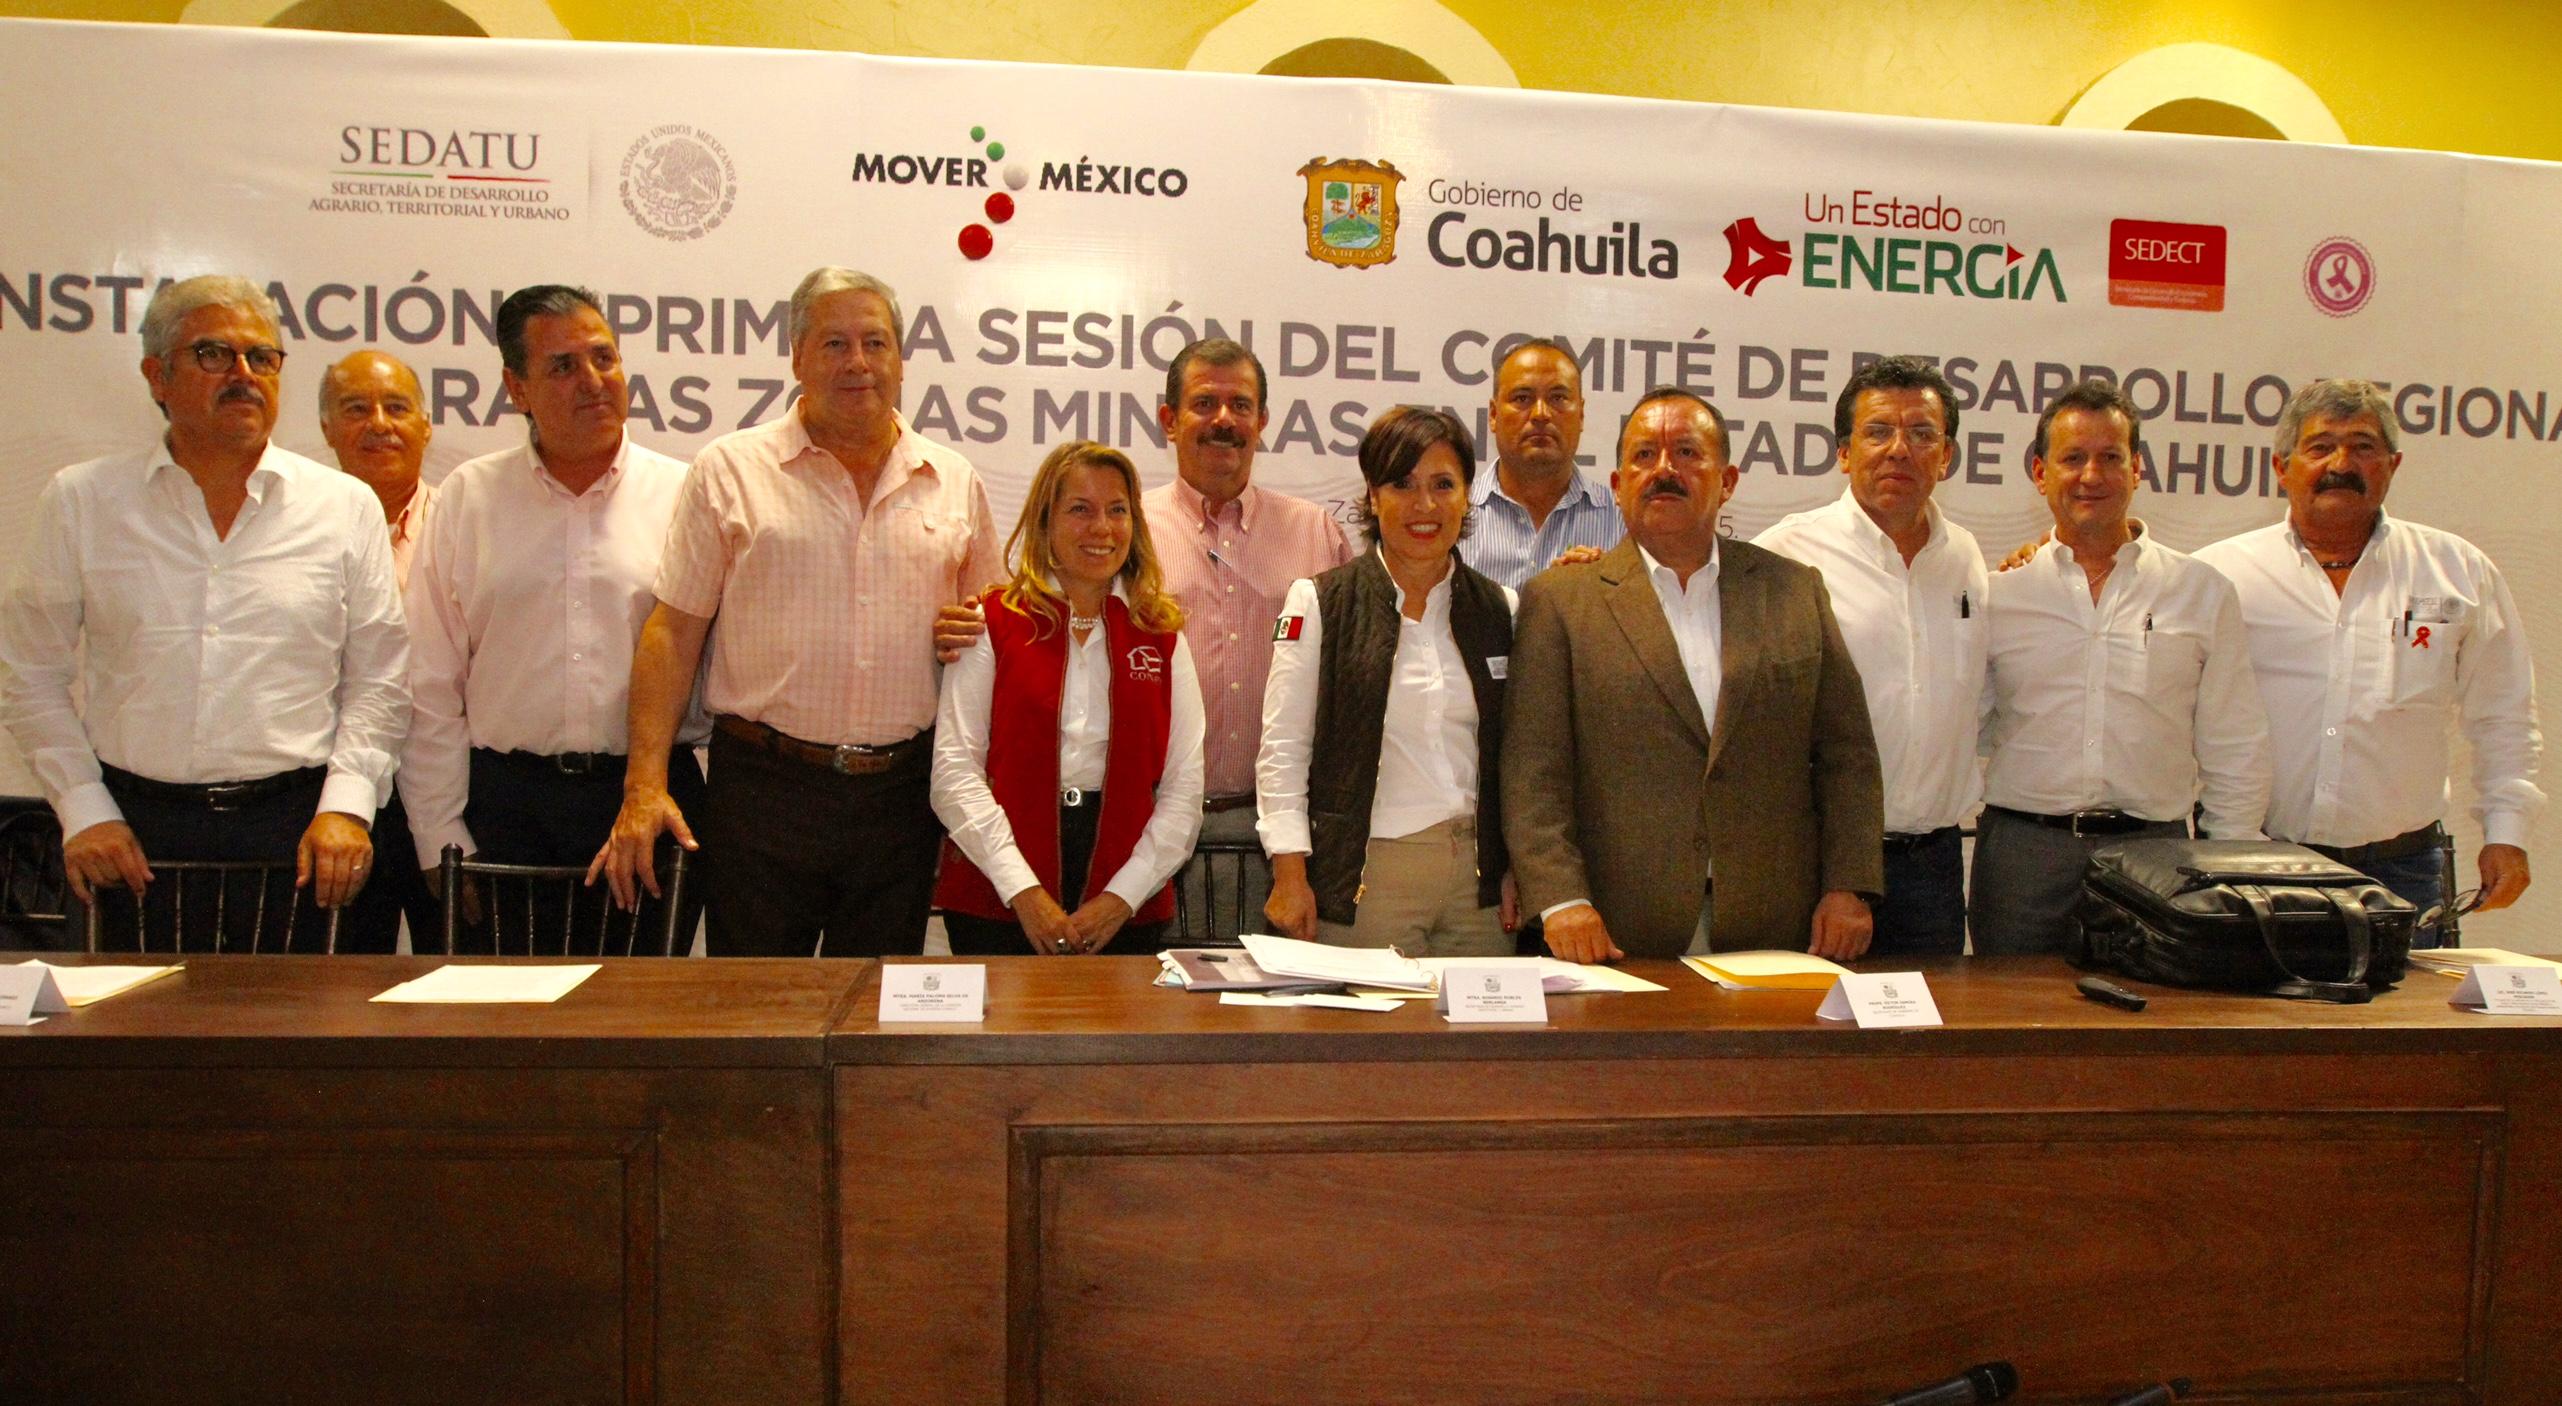 La secretaria de Desarrollo Agrario, Territorial y Urbano, Rosario Robles Berlanga, instaló y presidió la sesión inicial Comité de Desarrollo Regional para las Zonas Mineras en el estado de Coahuila.